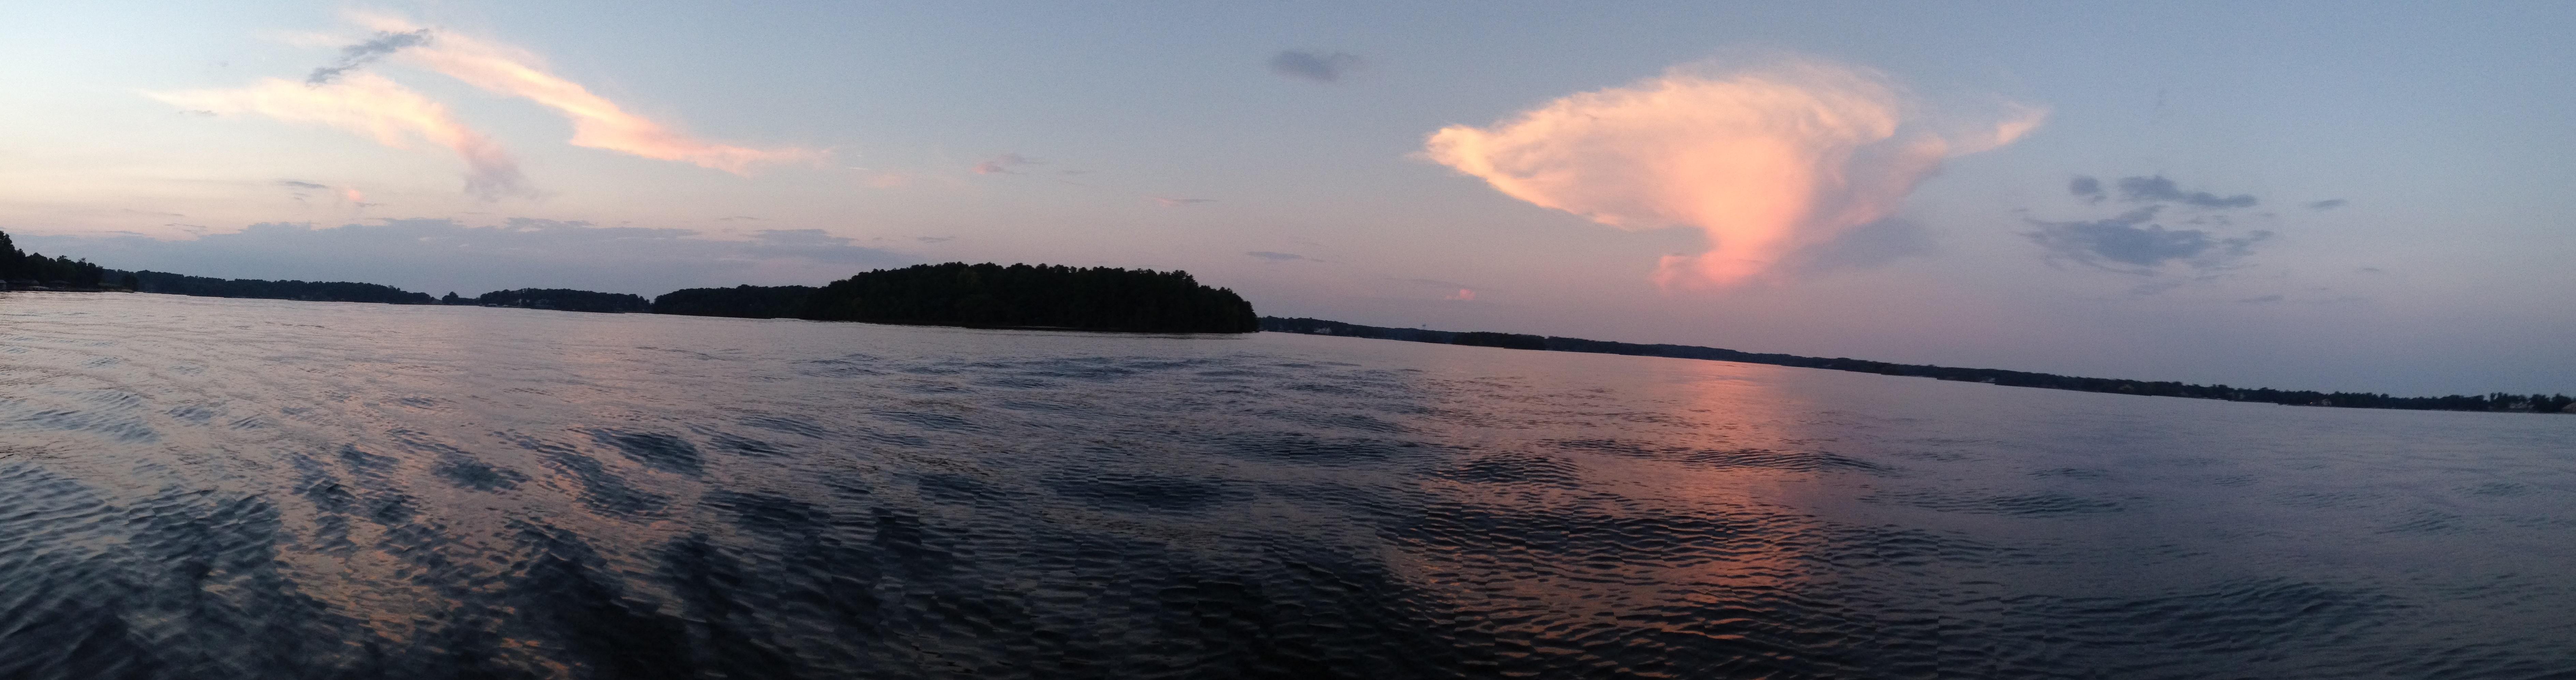 Lake Norman North Carolina